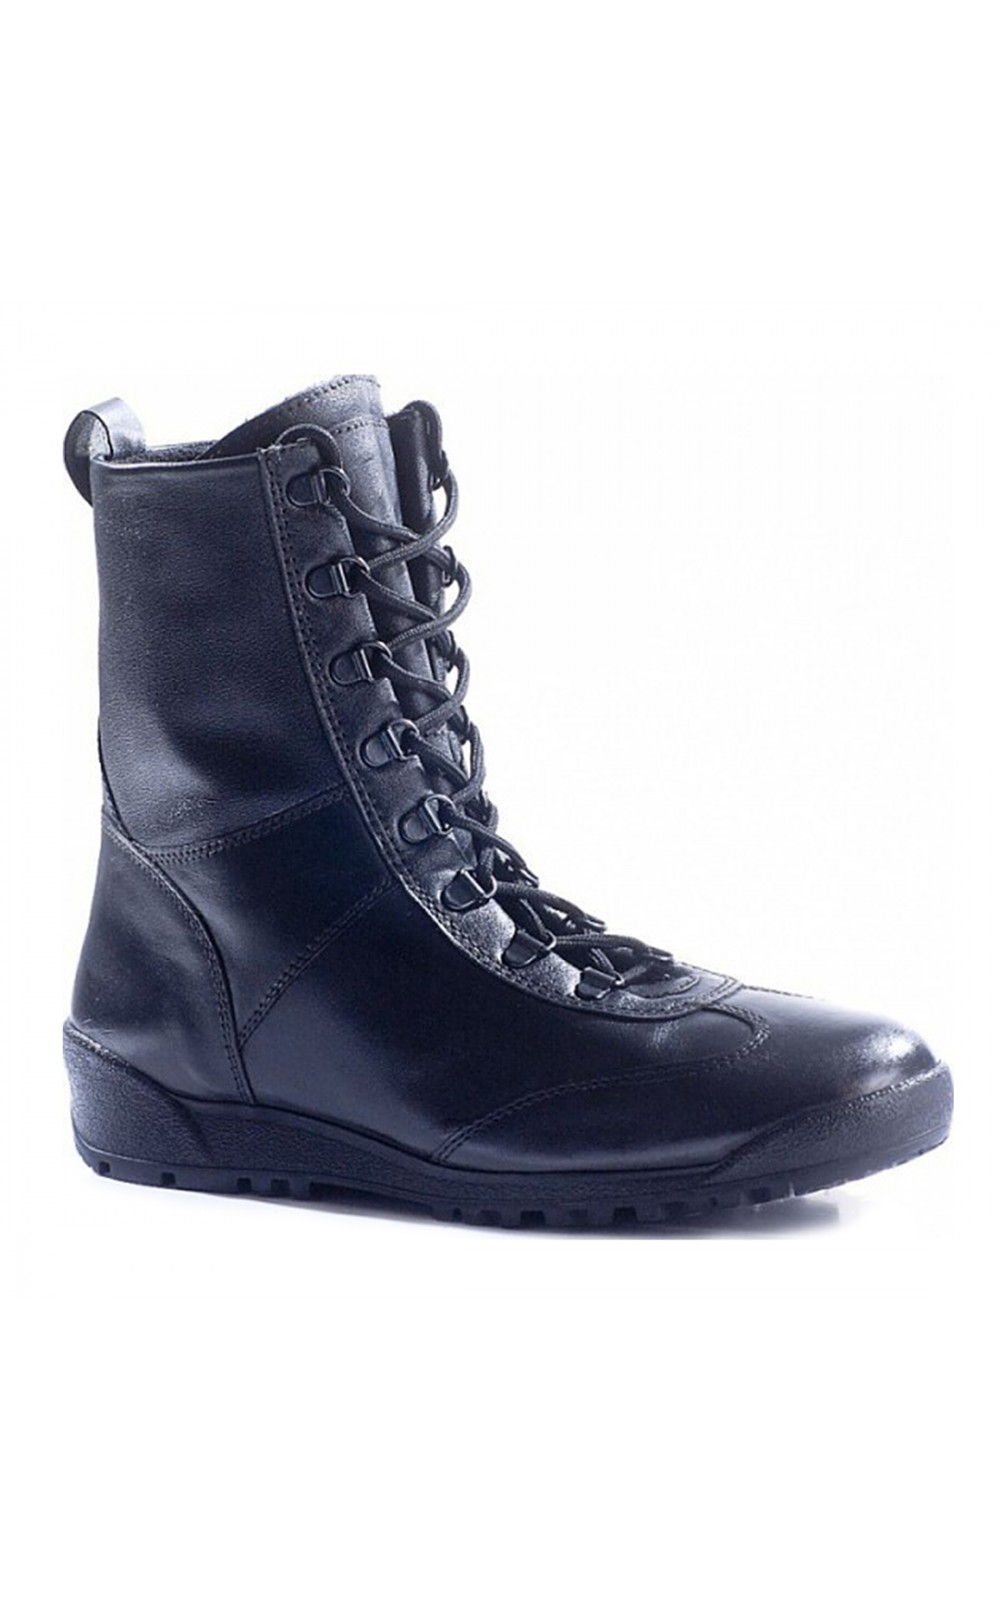 Ботинки Бутекс 12011 Кобра, кожа (43)Ботинки для активного отдыха<br>Идеально подойдут для людей, которые выбирают <br>активный образ жизни. Легкие, будут актуальны <br>для ношения во время весеннего-летнего <br>сезона в дождливую и мокрую погоду. Особенности: <br>- металлический супинатор; - глухой клапан, <br>предохраняющий ногу от воздействий окружающей <br>среды; - система скоростной шнуровки; - задник <br>и подносок сделаны из термопластического <br>материала; - удобный в эксплуатации мягкий <br>кант; - подкладка изготовлена из гипоаллергенной <br>ламинированной сетки; - амортизирующая <br>вставка в пяточной части.<br><br>Пол: мужской<br>Размер: 43<br>Сезон: лето<br>Цвет: черный<br>Материал: гидрофобная кожа